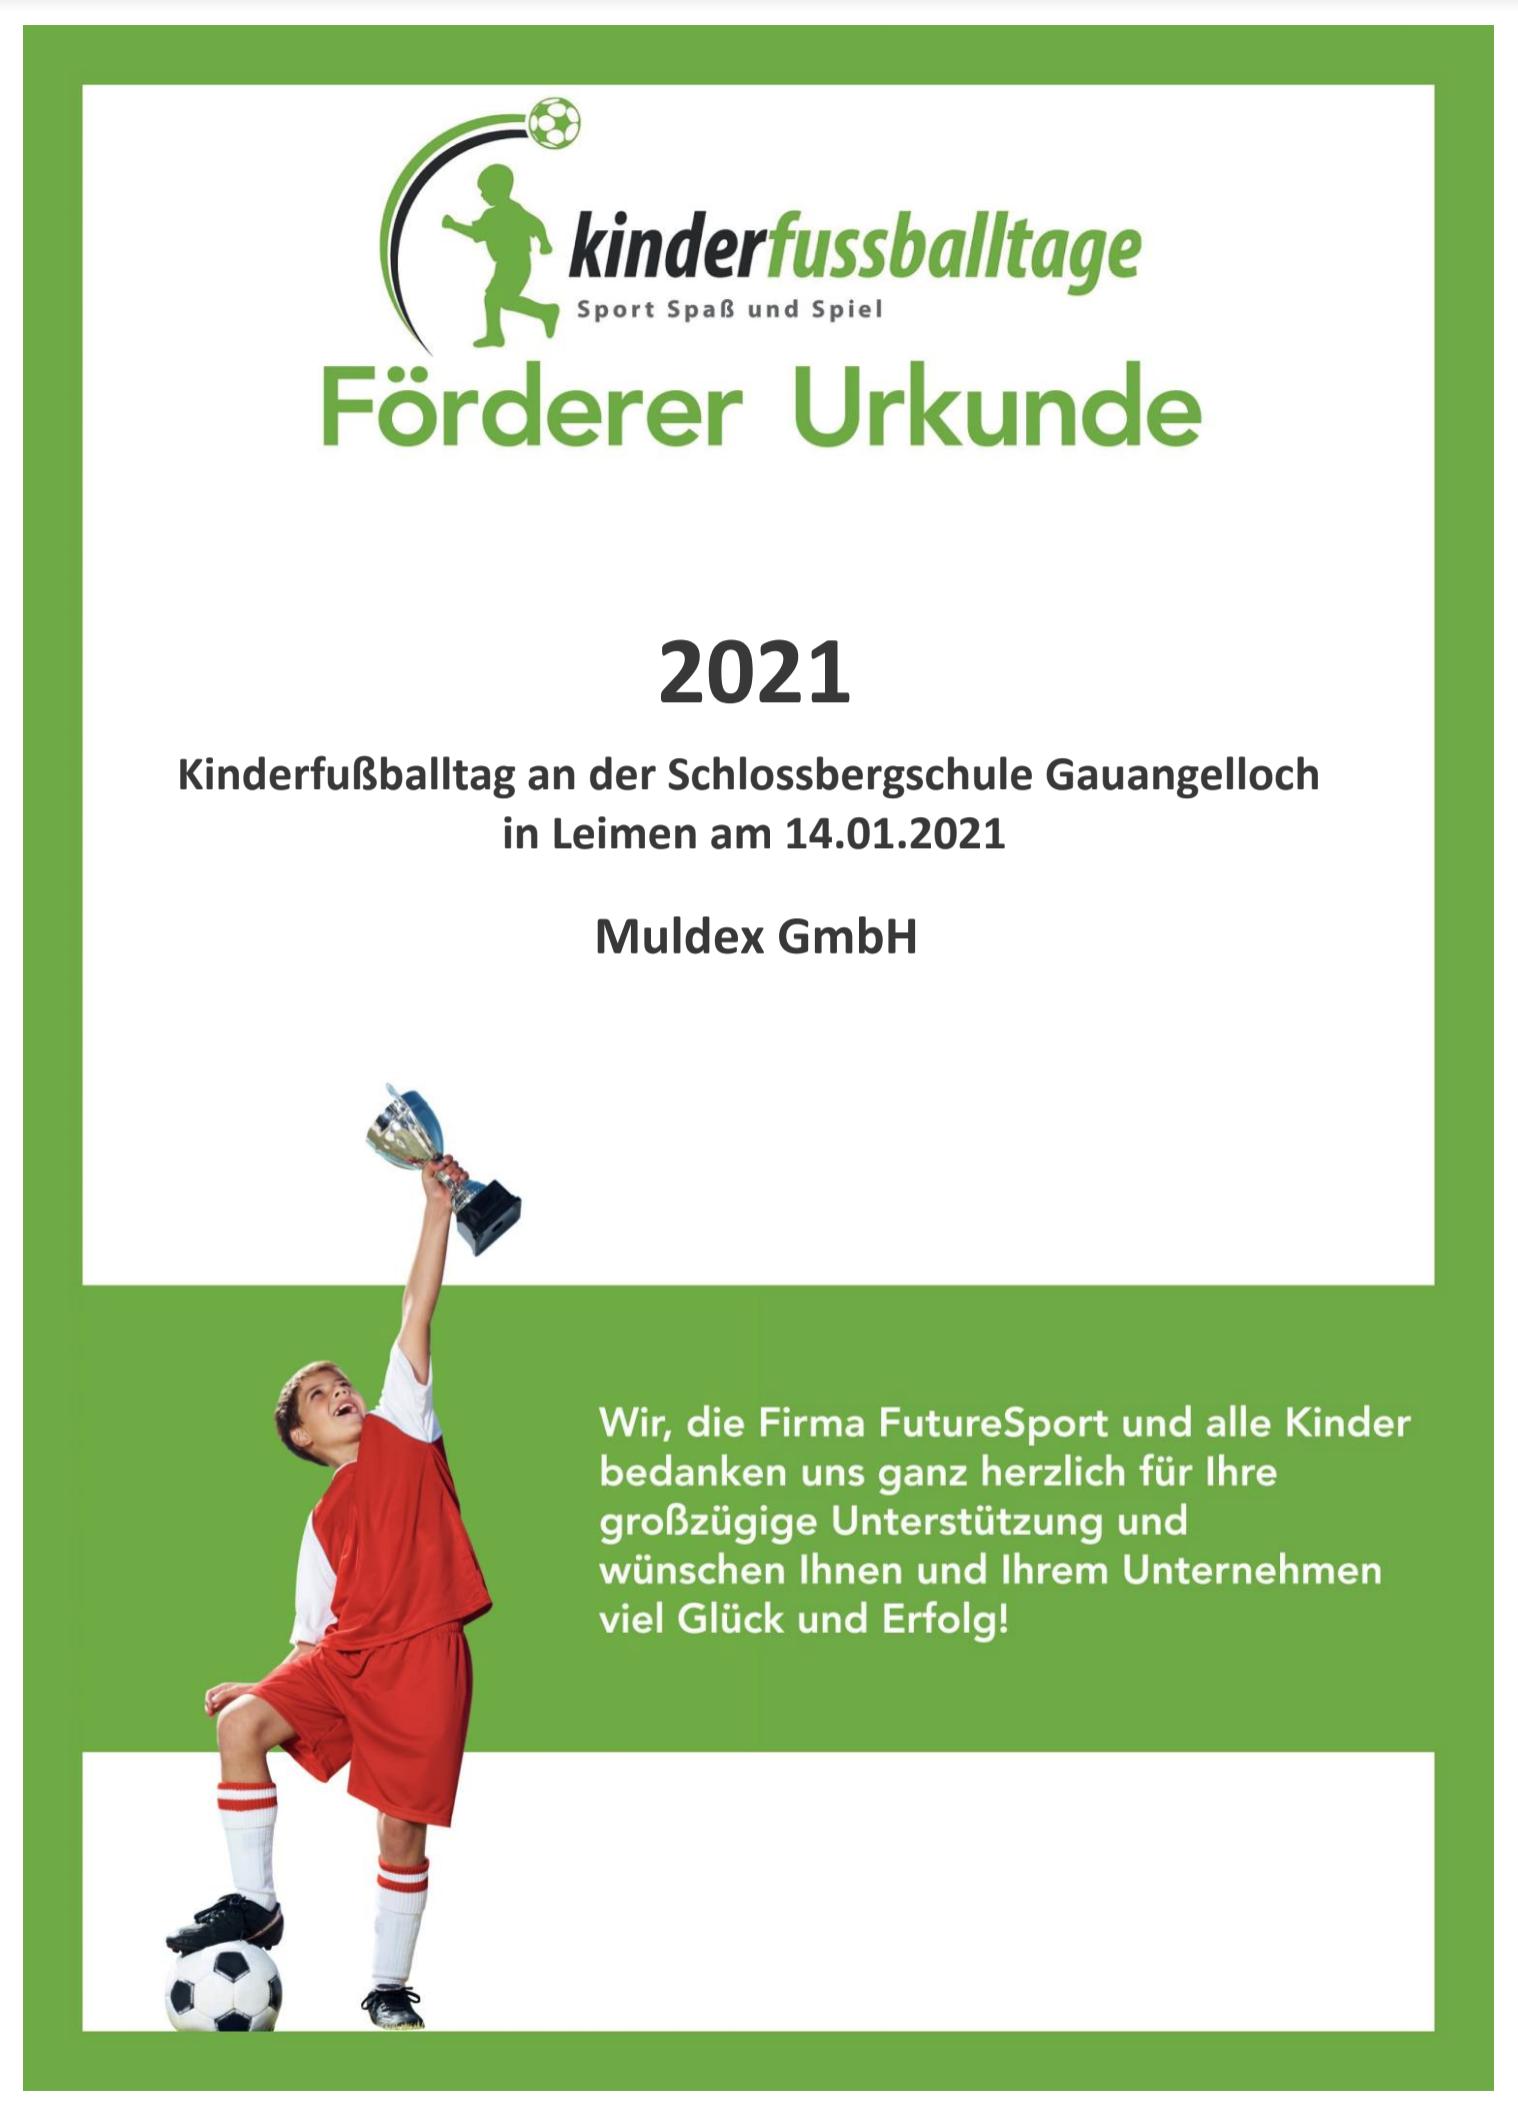 foerderurkunde_kinderfussball_2021.png